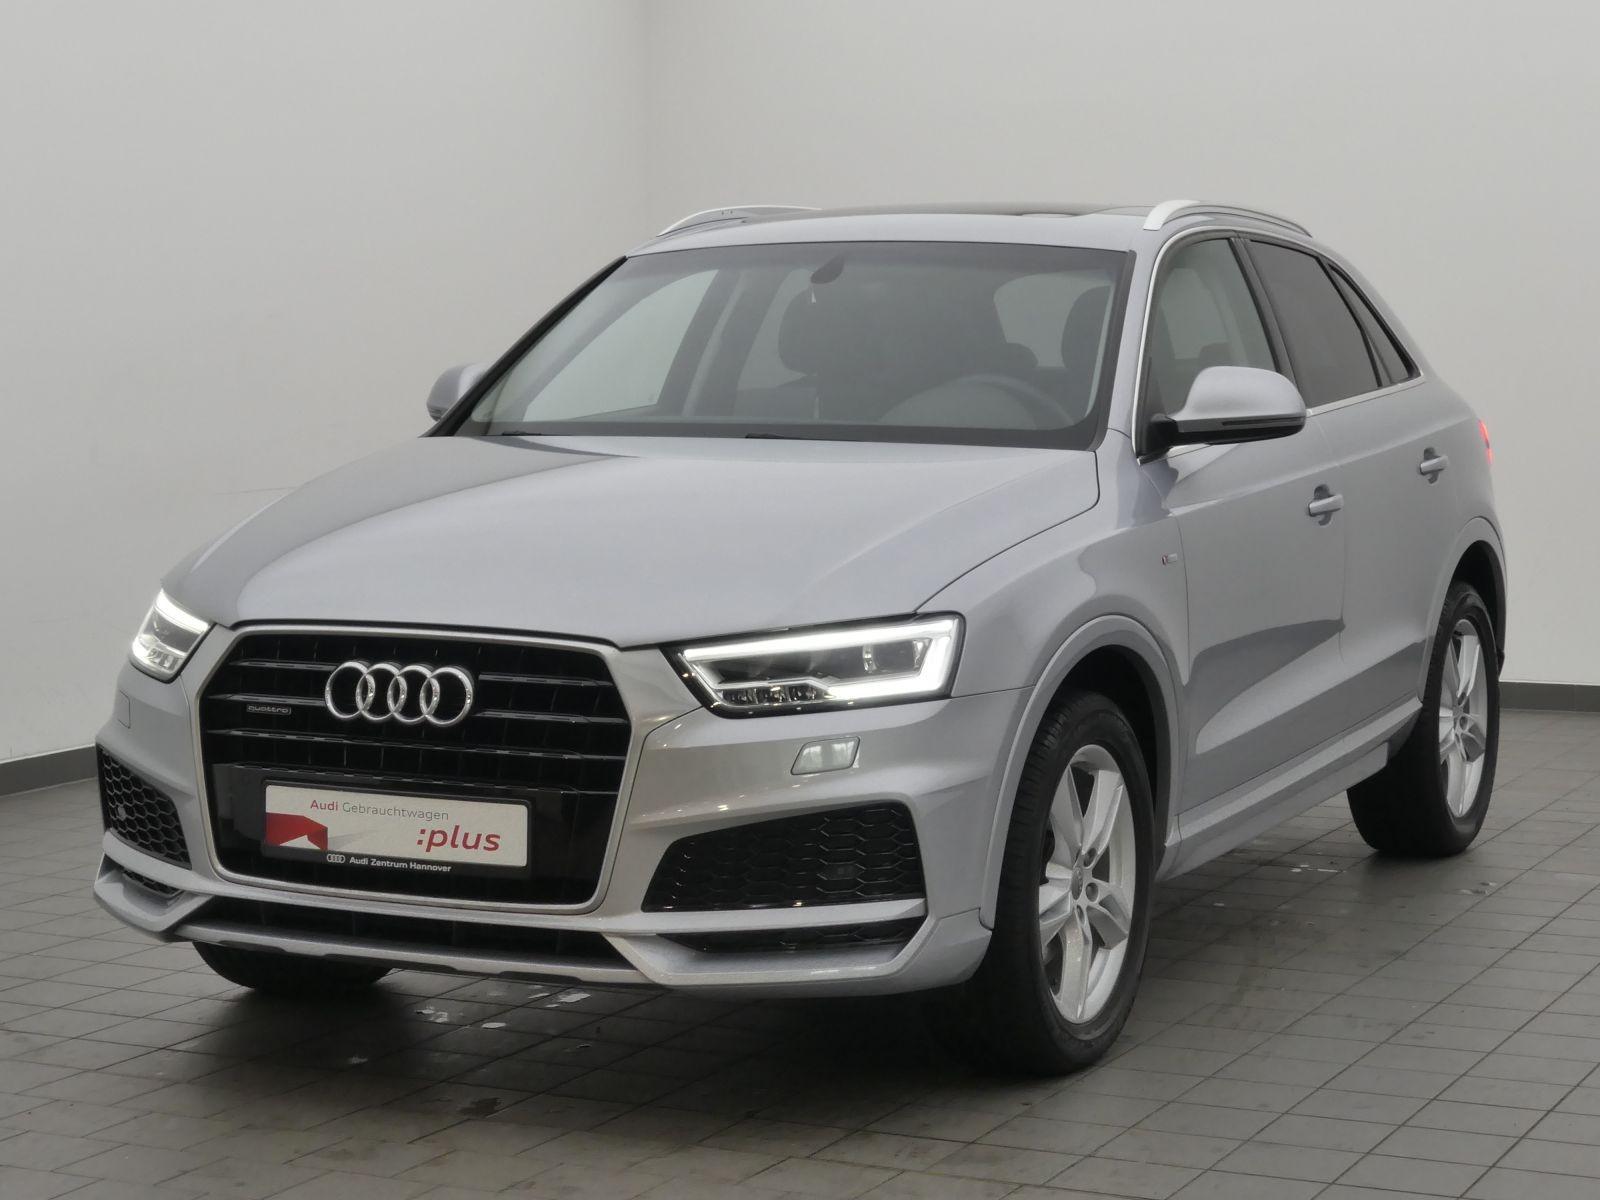 Audi Q3 2.0 TDI qu. Sline Pano LED AHK Navi Leder, Jahr 2018, Diesel